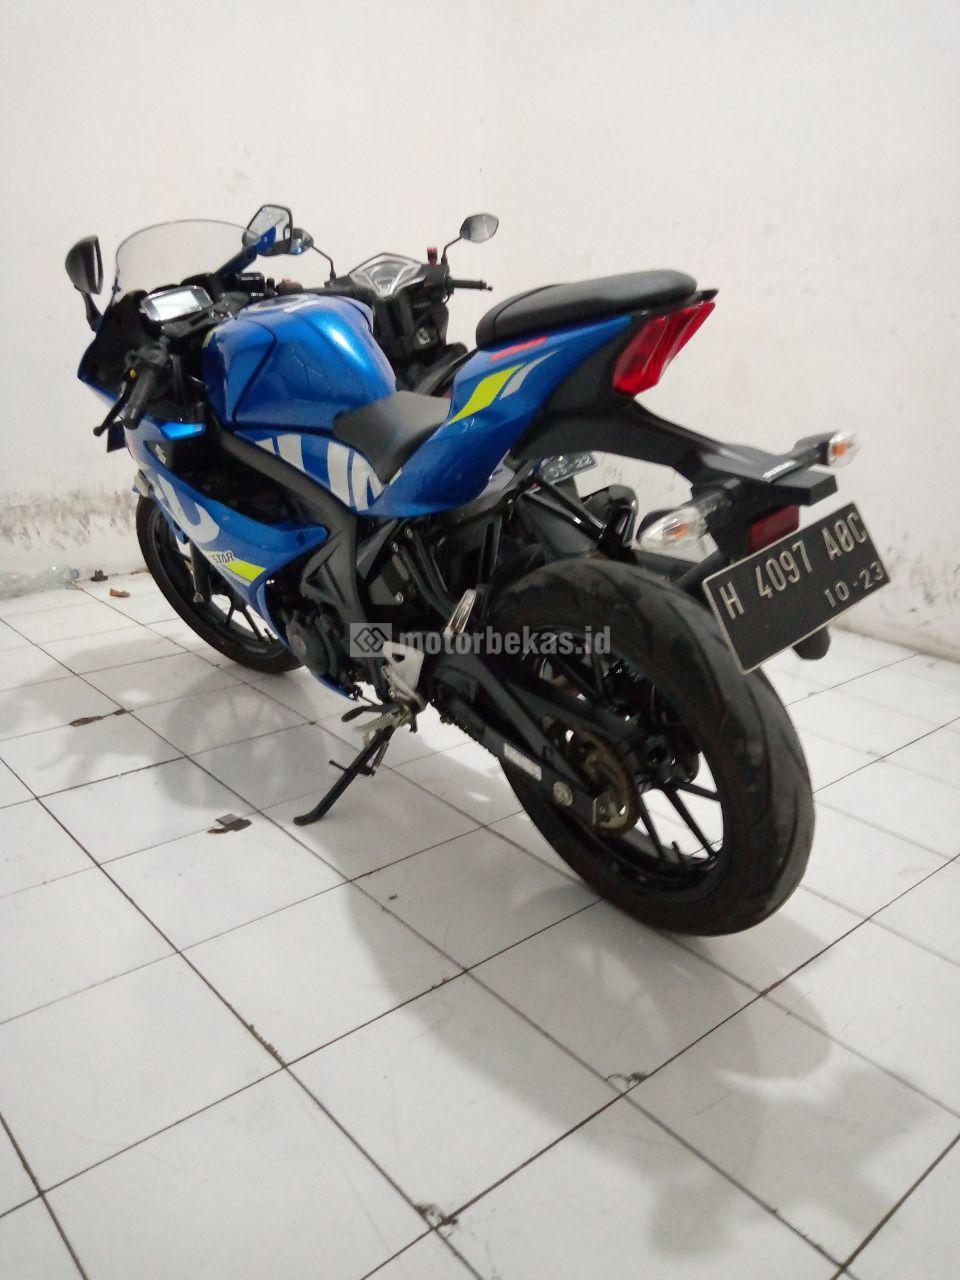 SUZUKI GSX R 150  3362 motorbekas.id